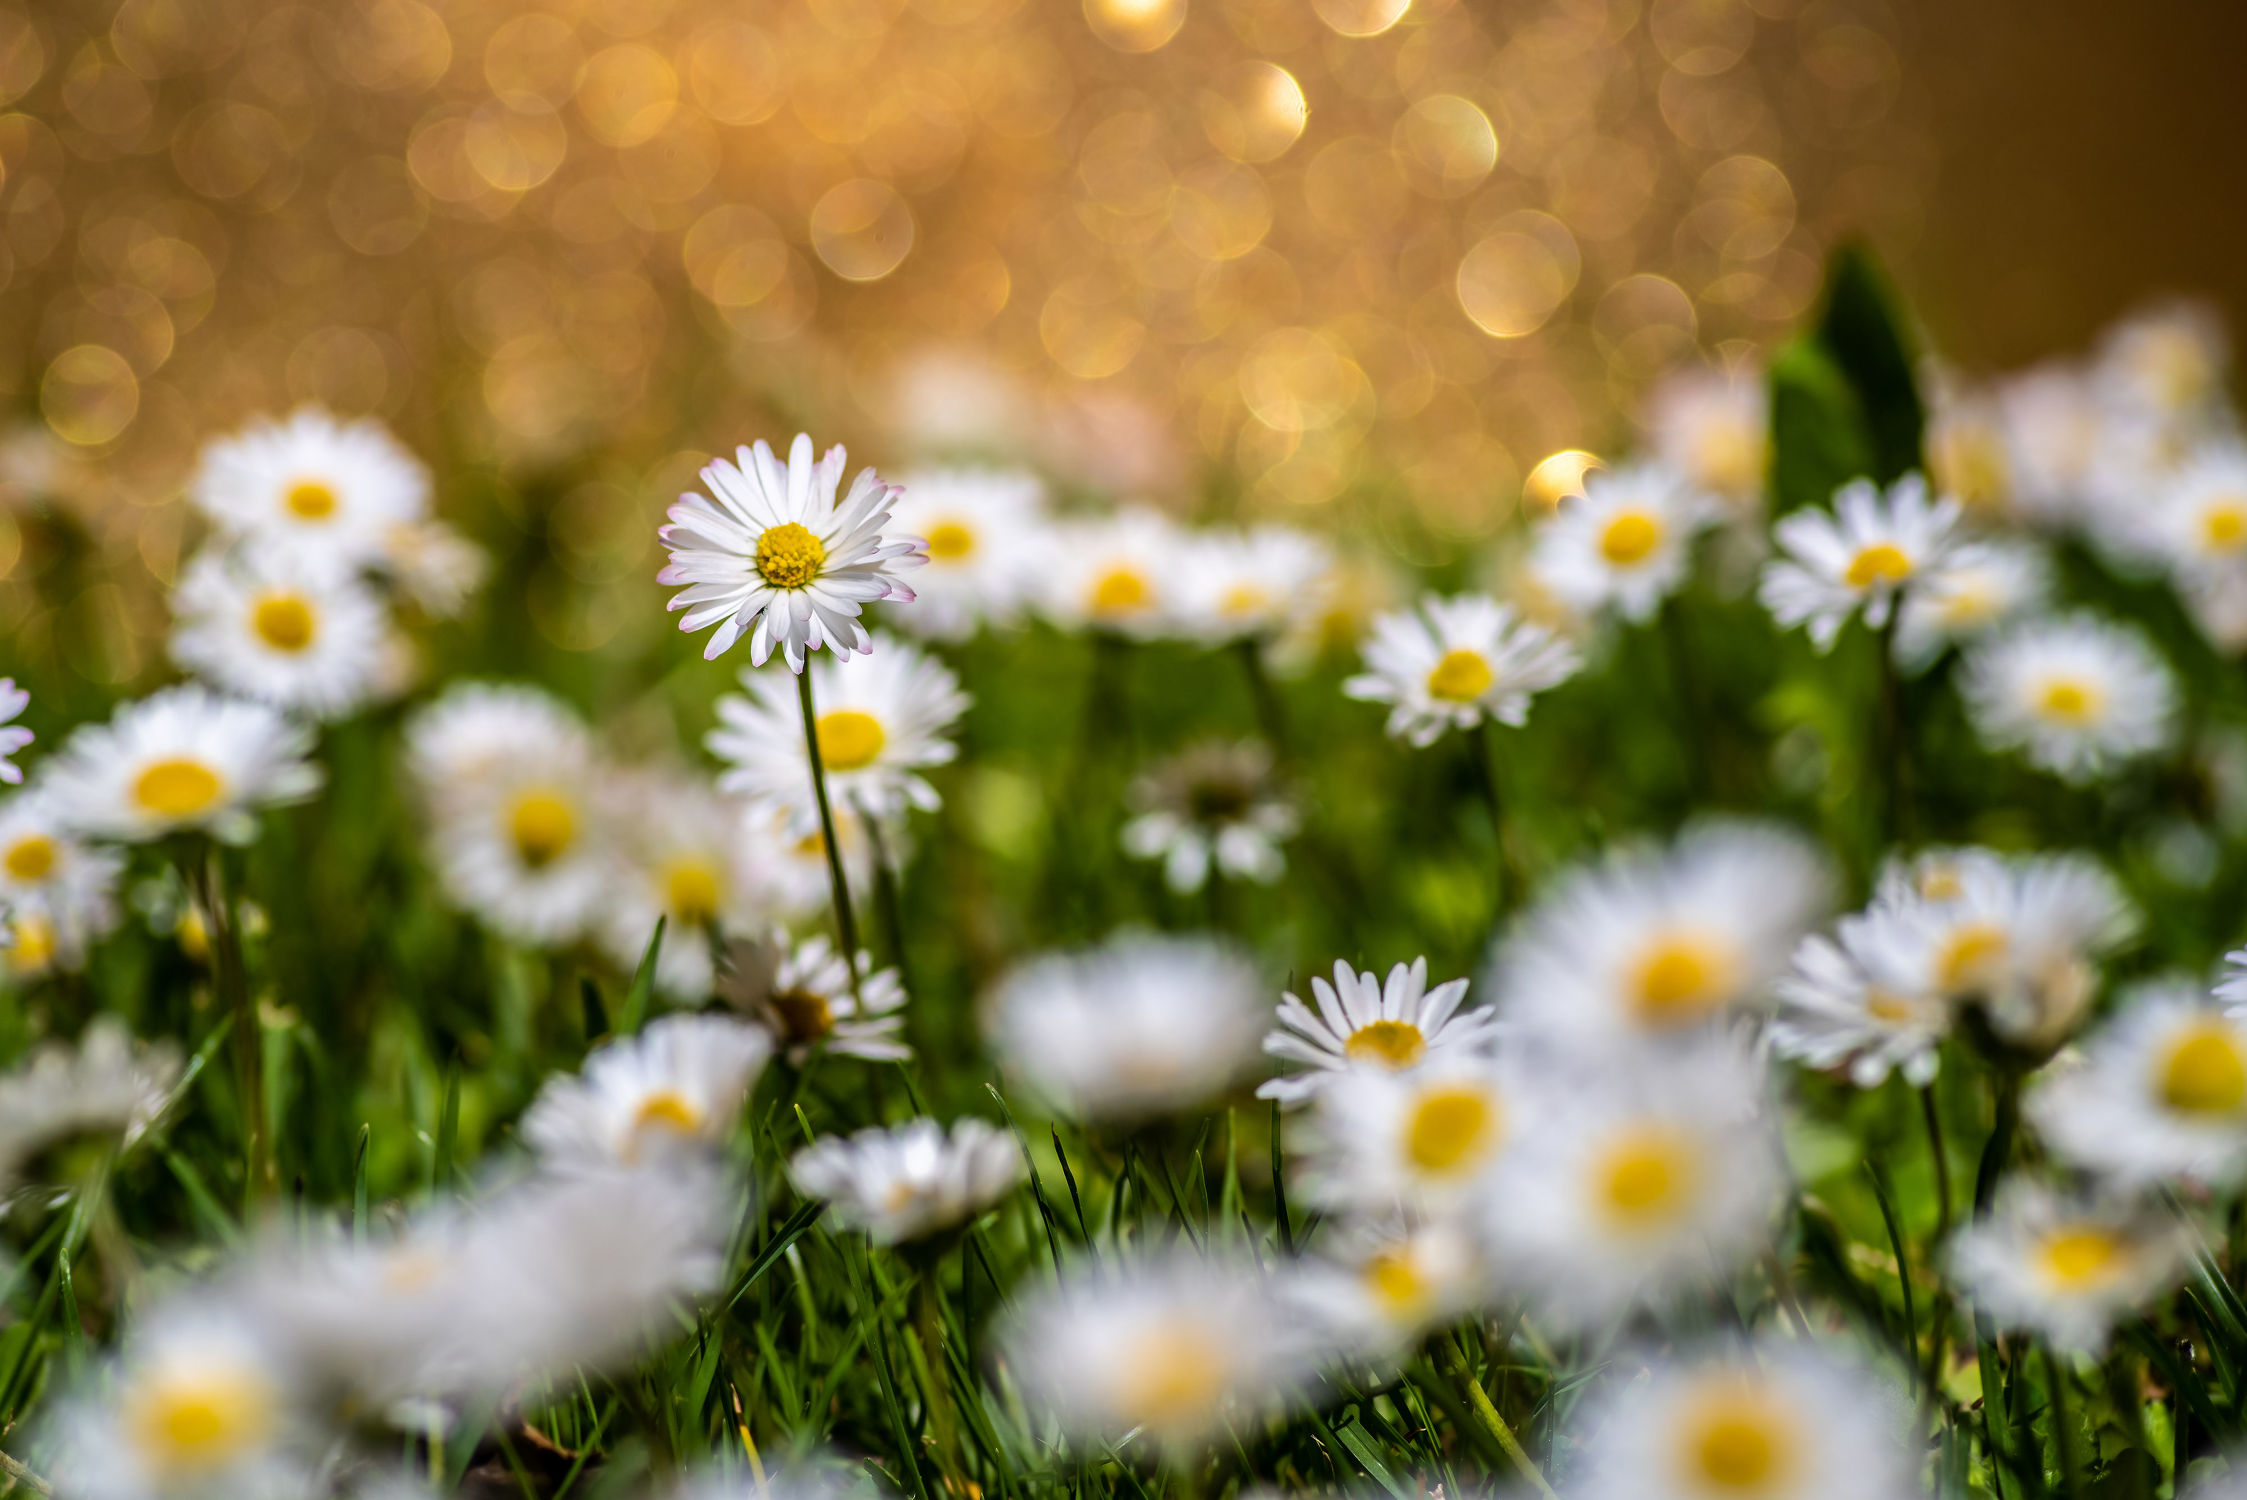 Bild mit Gelb, Natur, Grün, Weiß, Blume, Makro, Wiese, Licht, Planze, gänseblümchen, nahaufnahme, Schatten